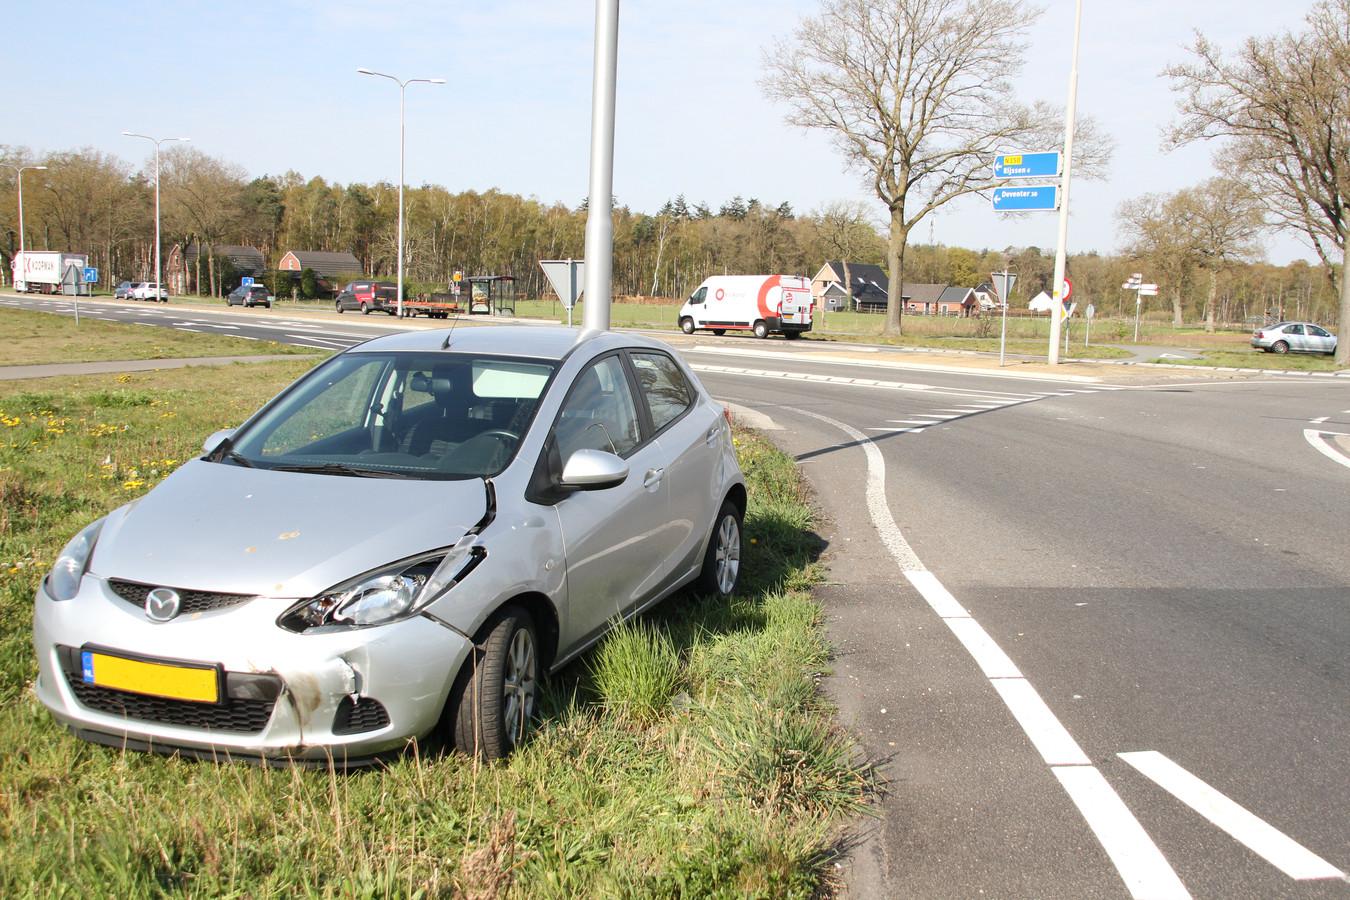 Bij het ongeval op de kruising Kloosterhoeksweg met de Rijssensestraat-N350 raakte niemand gewond.